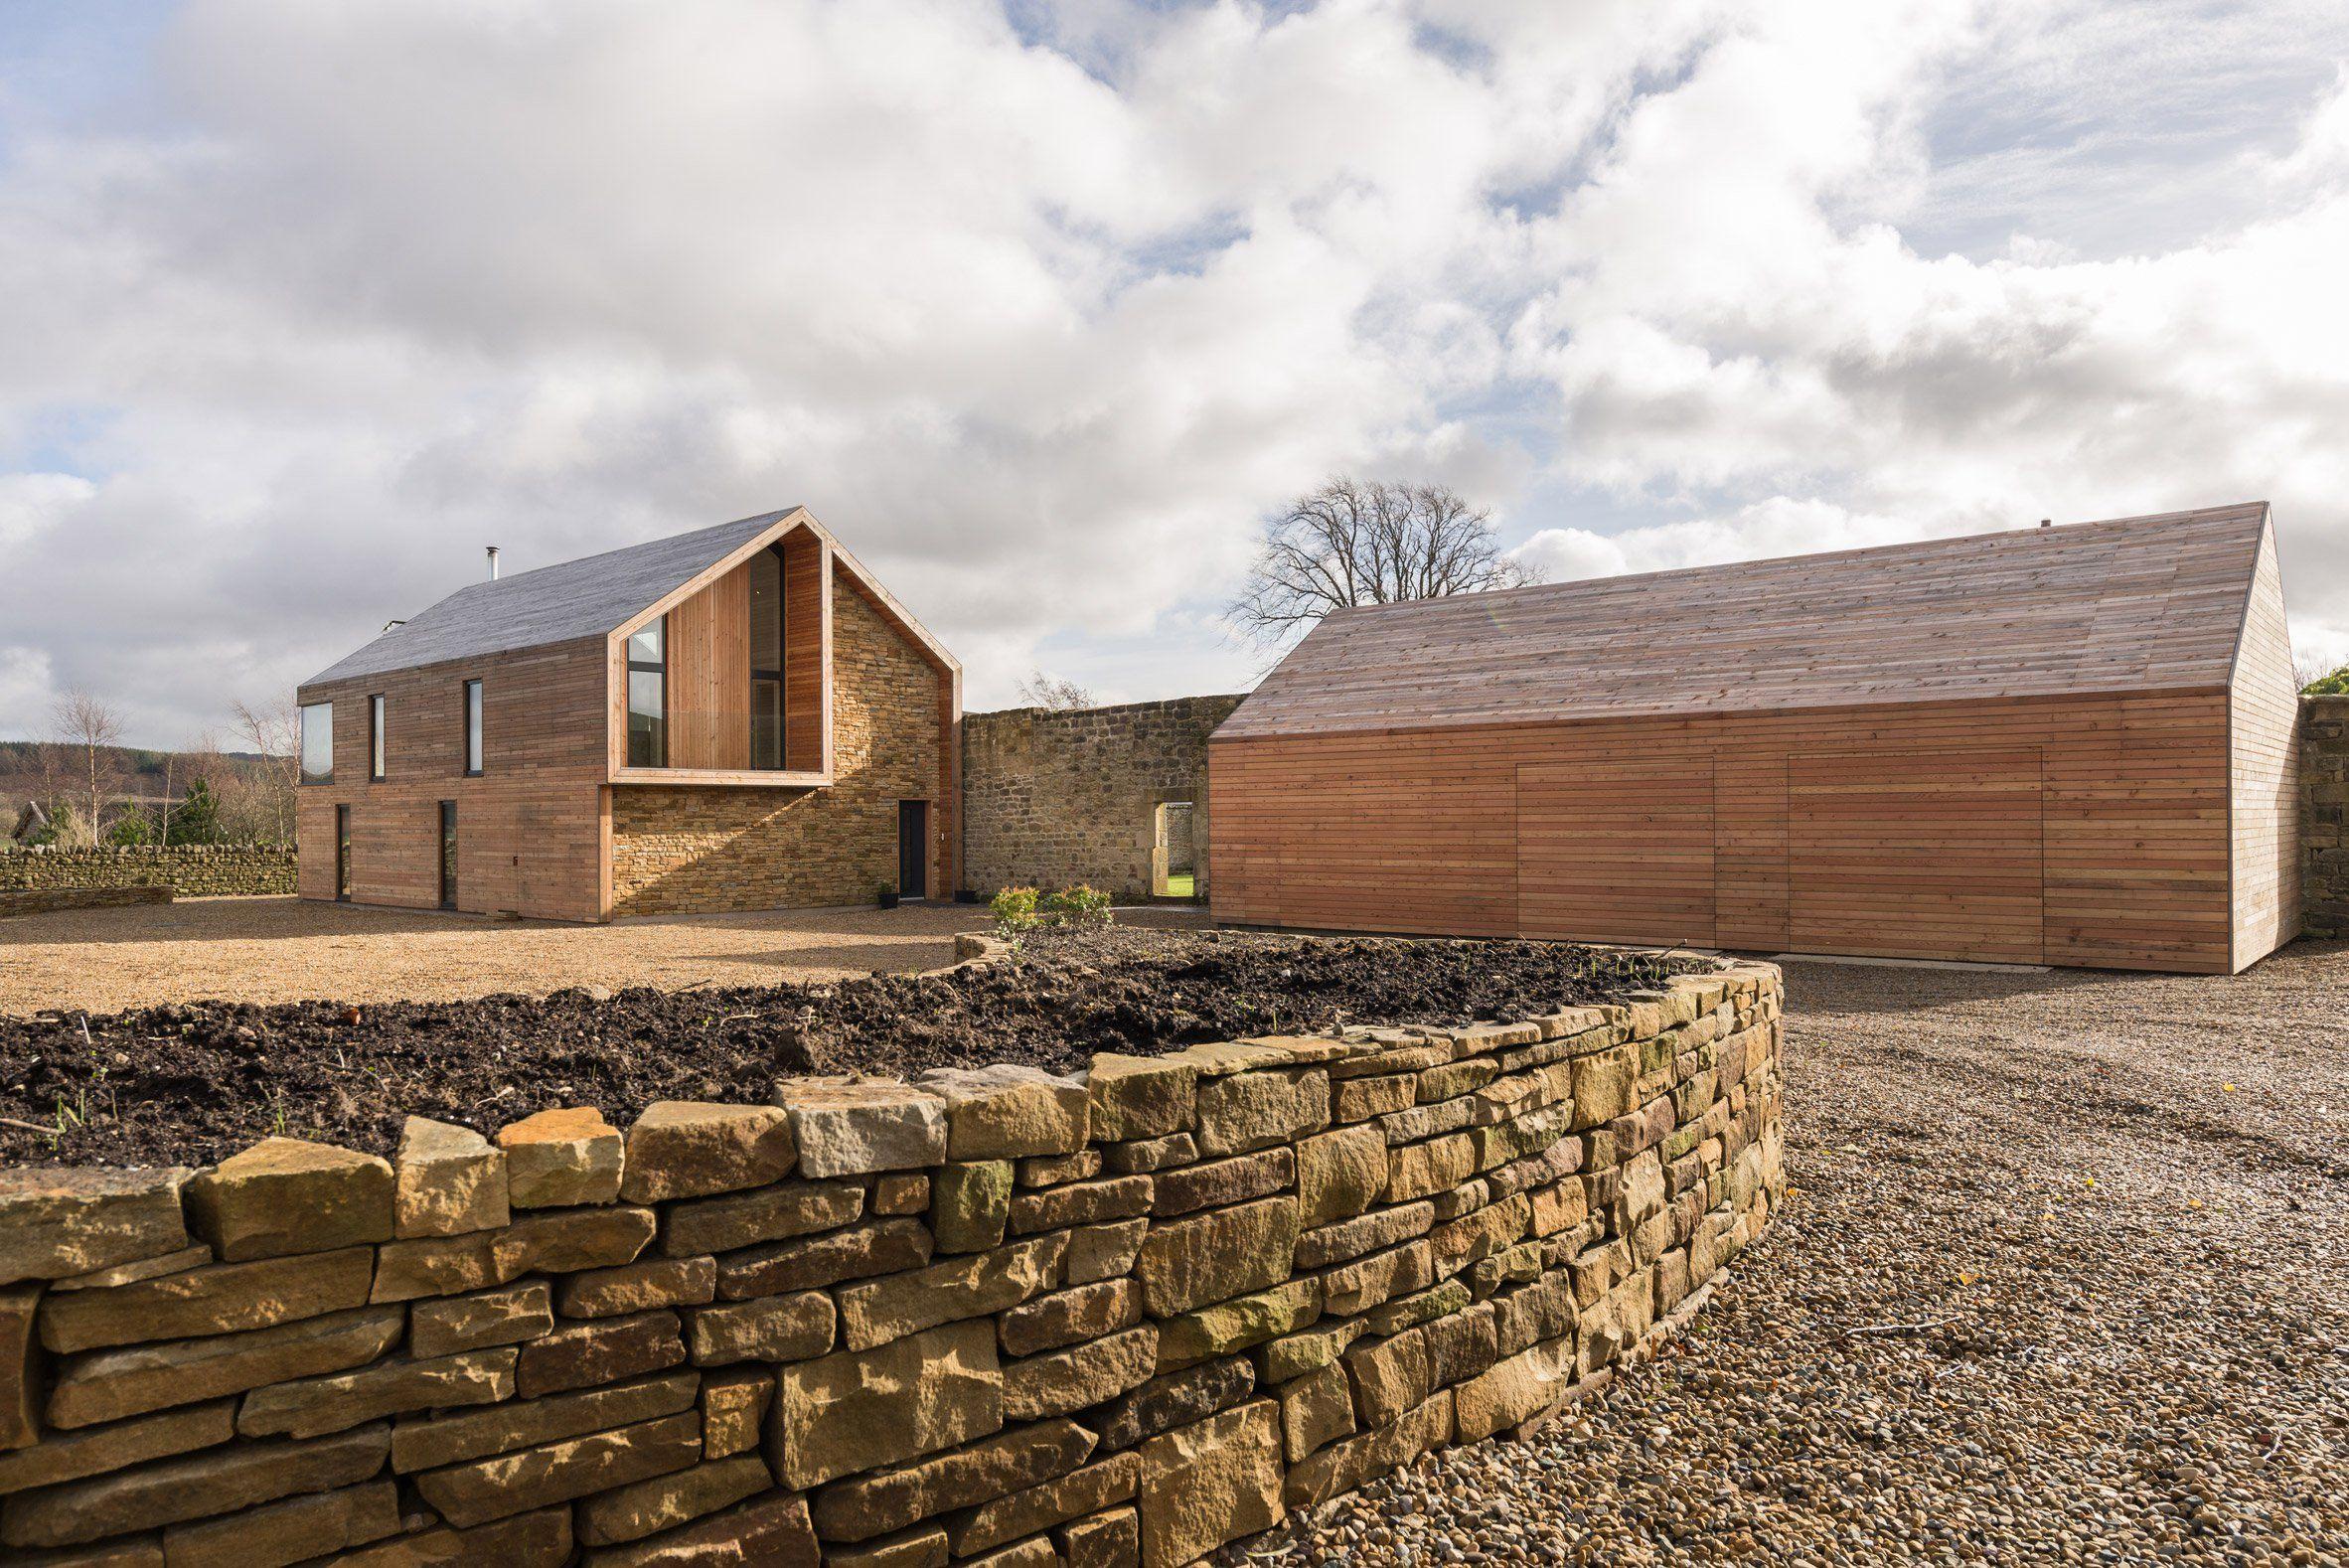 Richard Pender And Dan Kerr Combine Local Materials At Self Built House